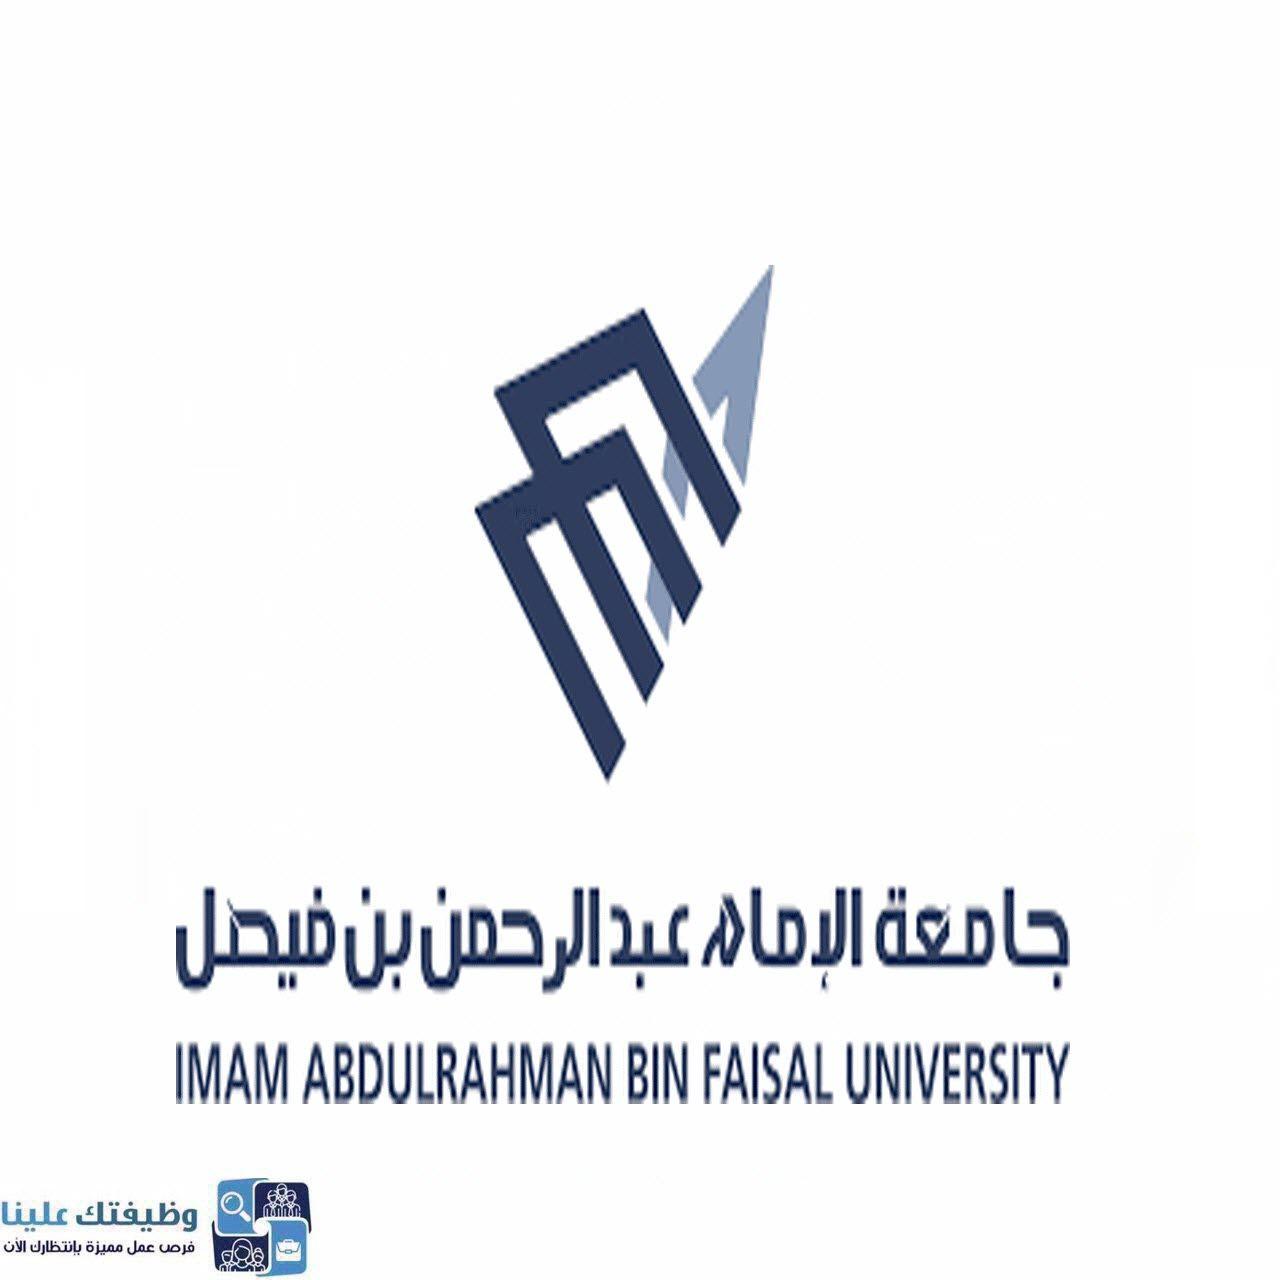 مواعيد الجامعة وظيفتك علينا Tech Company Logos University Company Logo